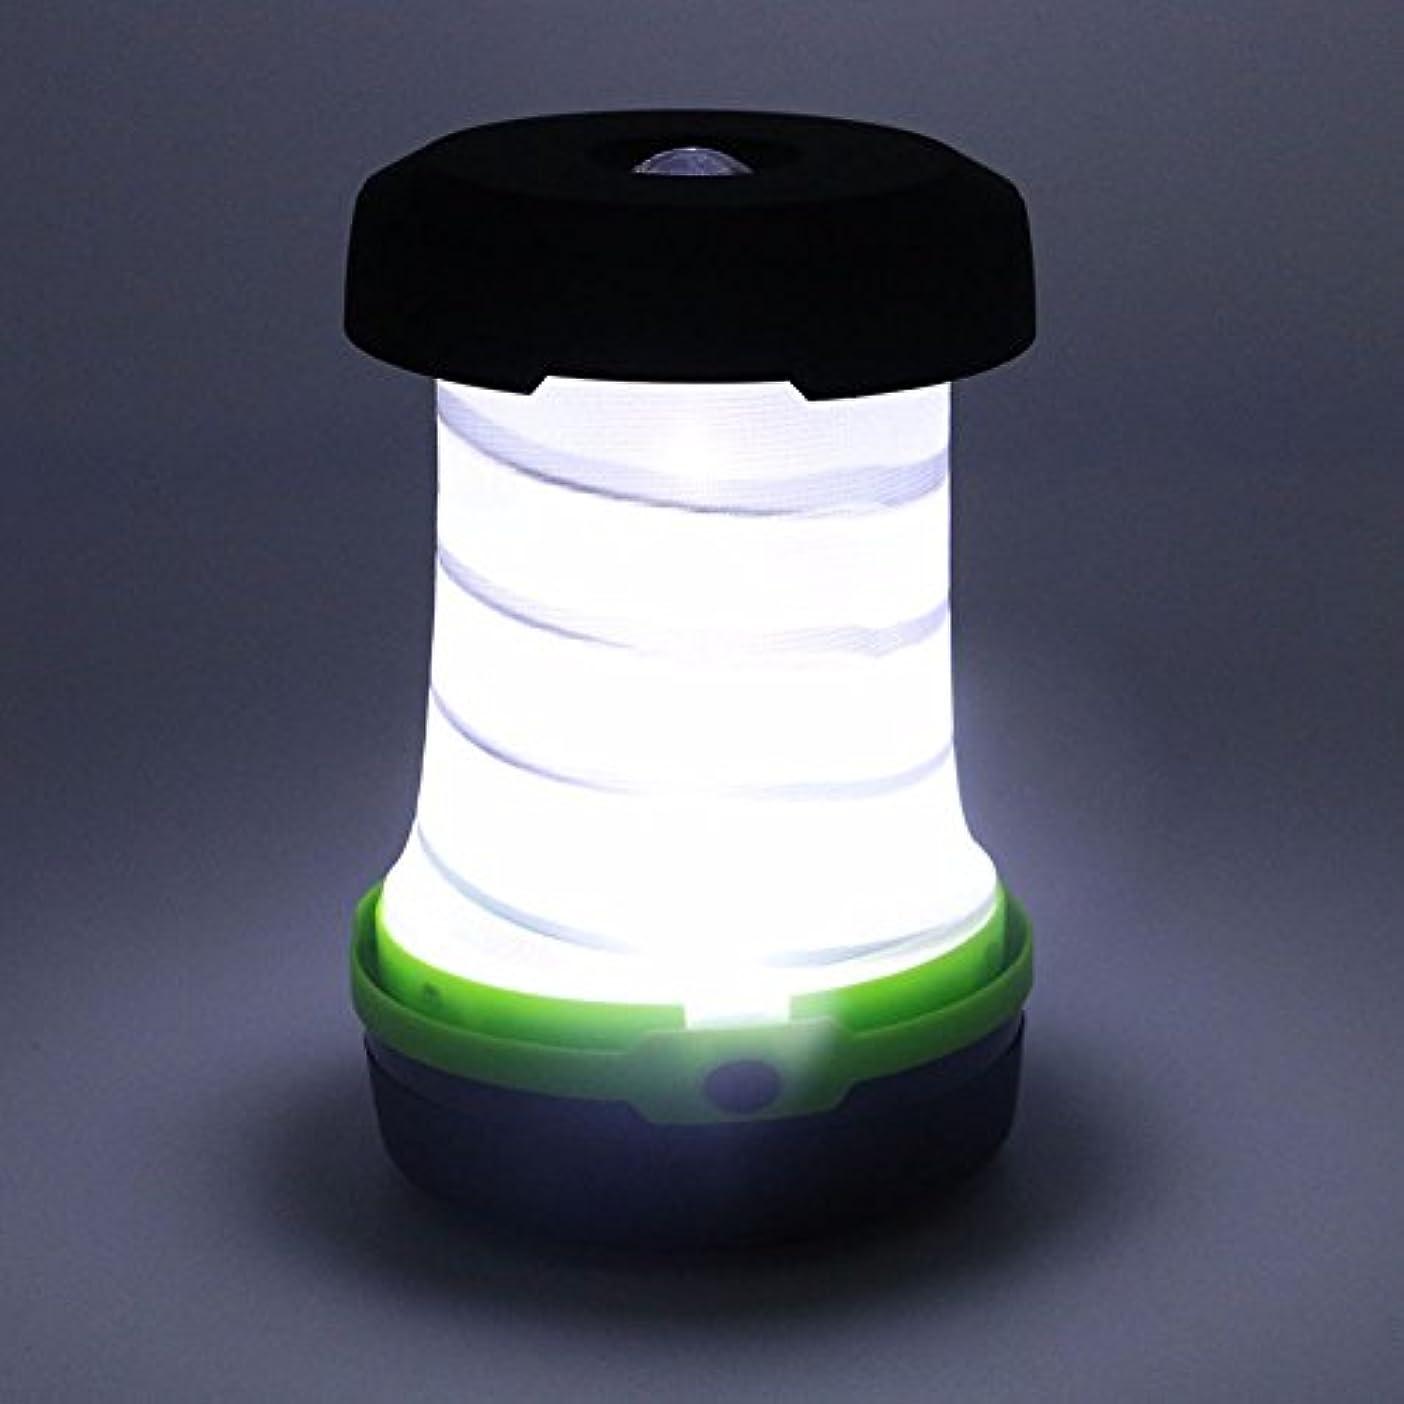 不誠実モディッシュ過激派アウトドア用ランプ 引き込み式 折り畳み式 ポータブル キャンプテントライト LED懐中電灯 ランプランタン LEDランタン LEDキャンピングライト グリーン